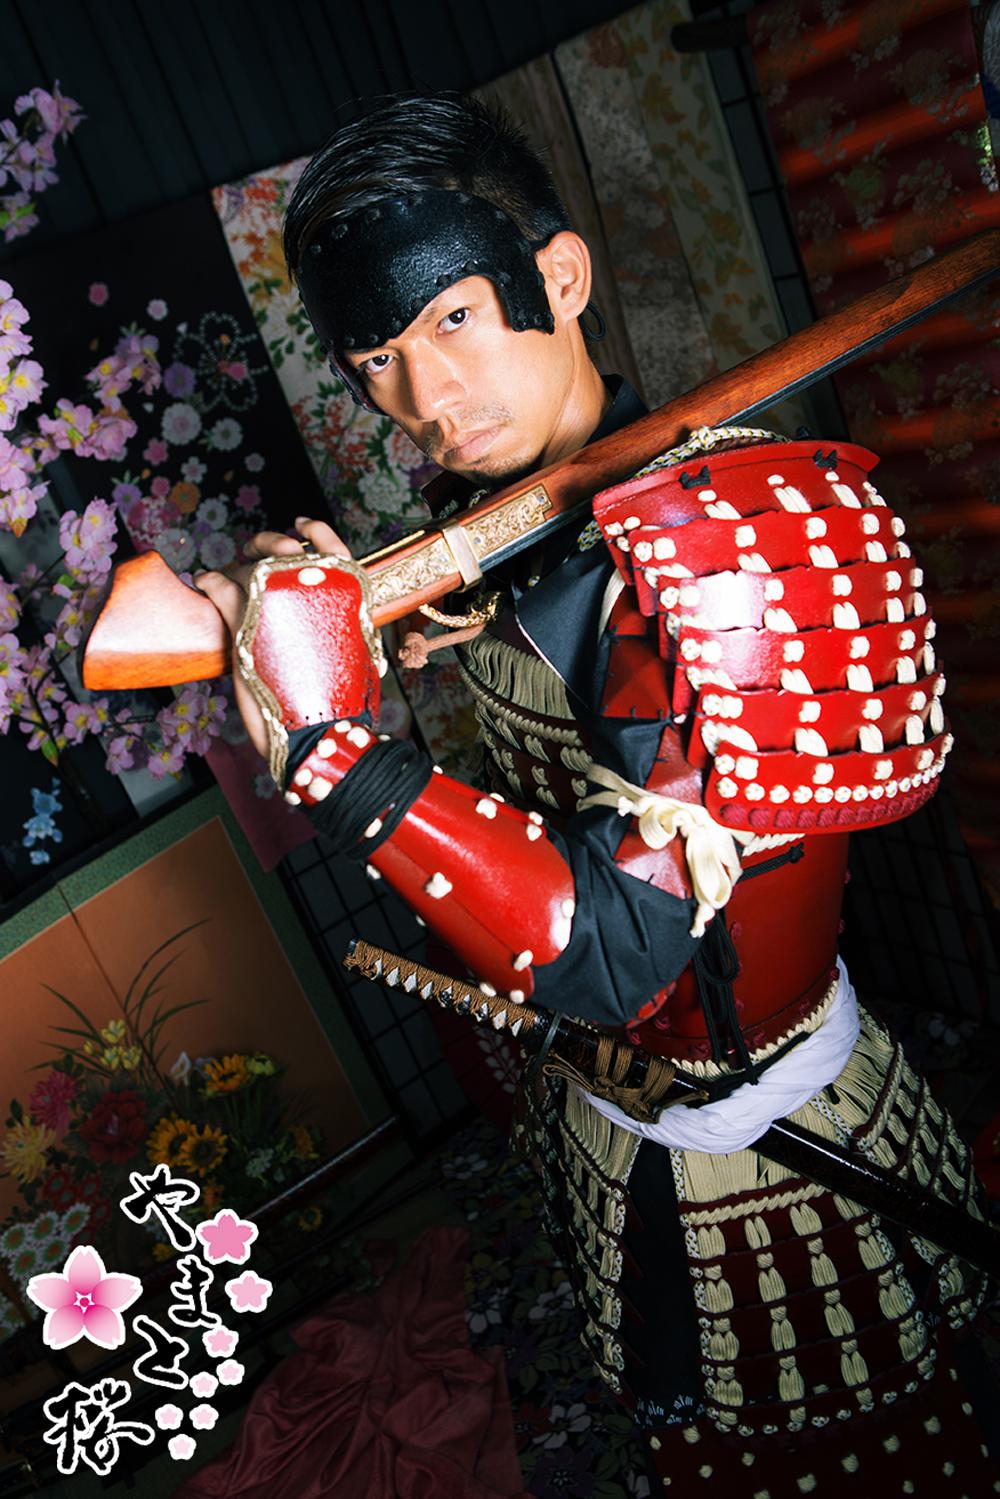 火縄銃を肩に担ぐ赤備え甲冑の男性サムライ